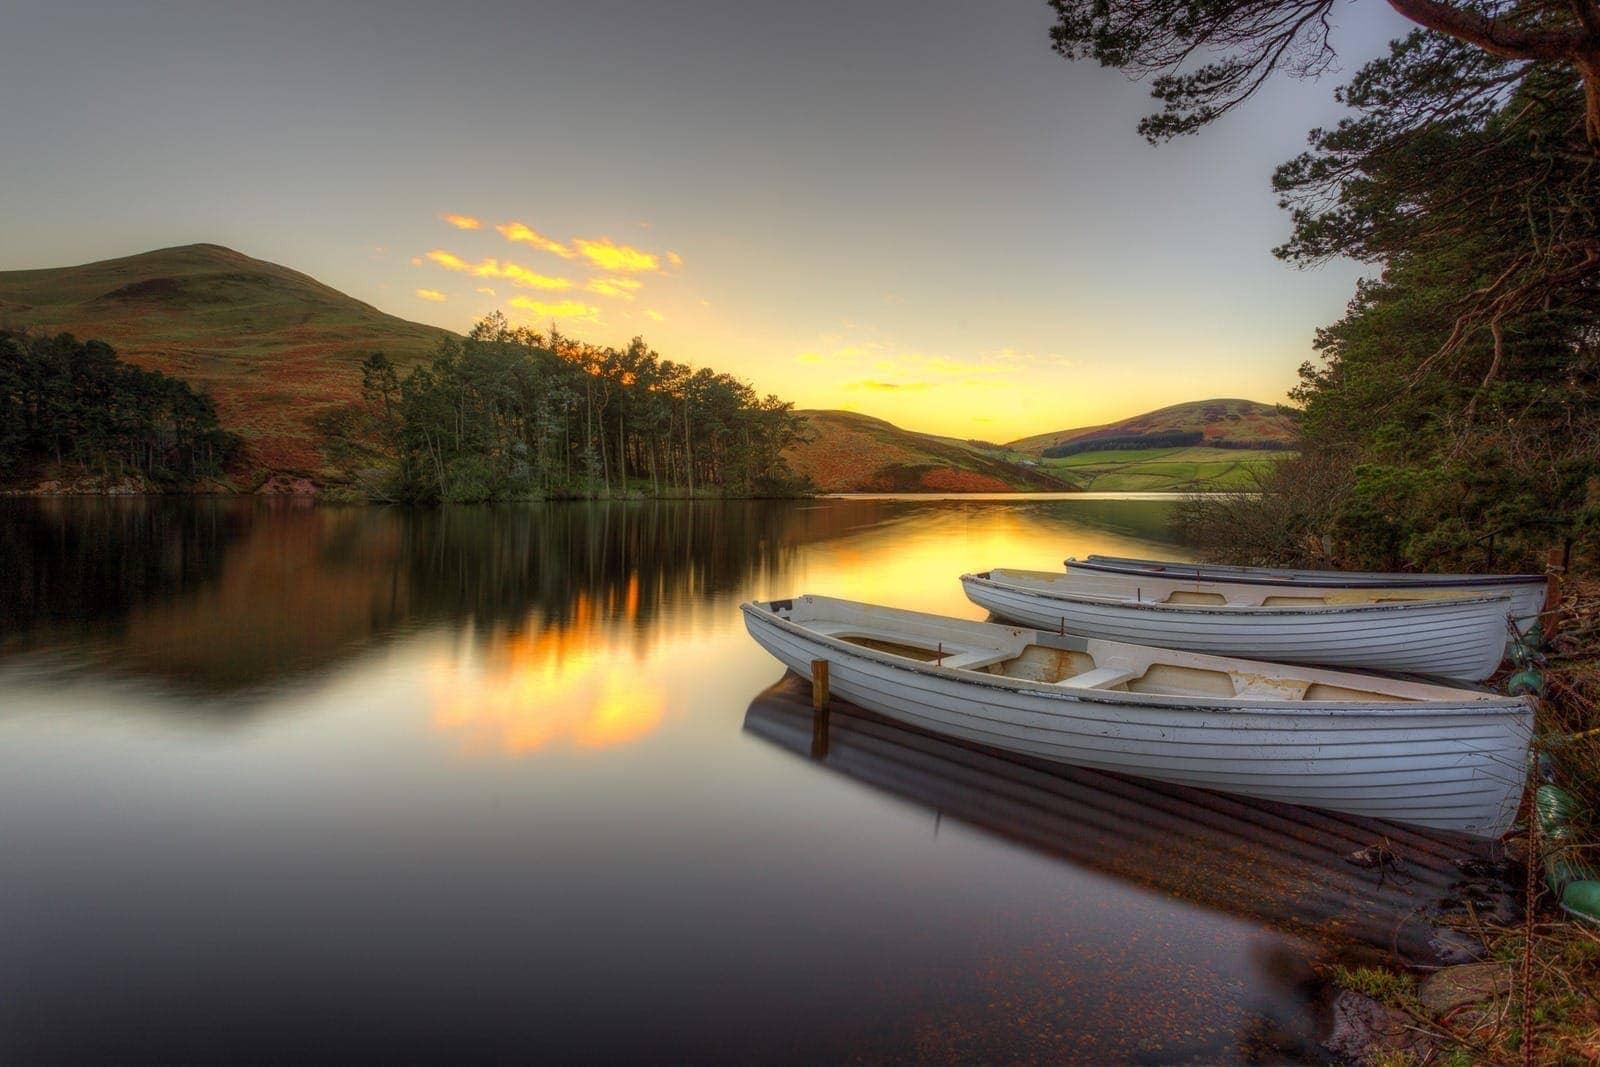 Pentland sunset resevoir boats